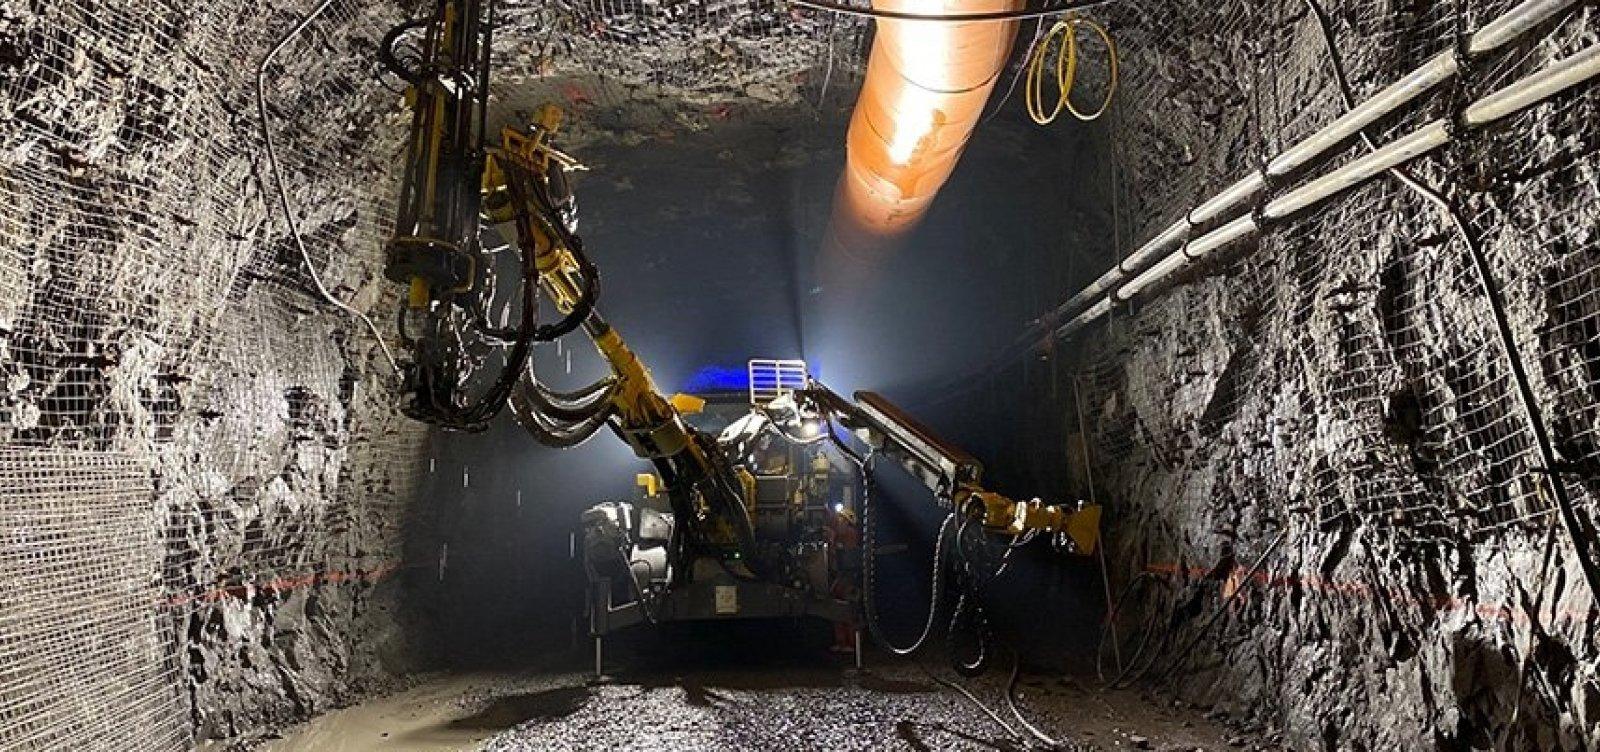 Vale resgata 33 dos 39 trabalhadores que estavam presos em mina no Canadá